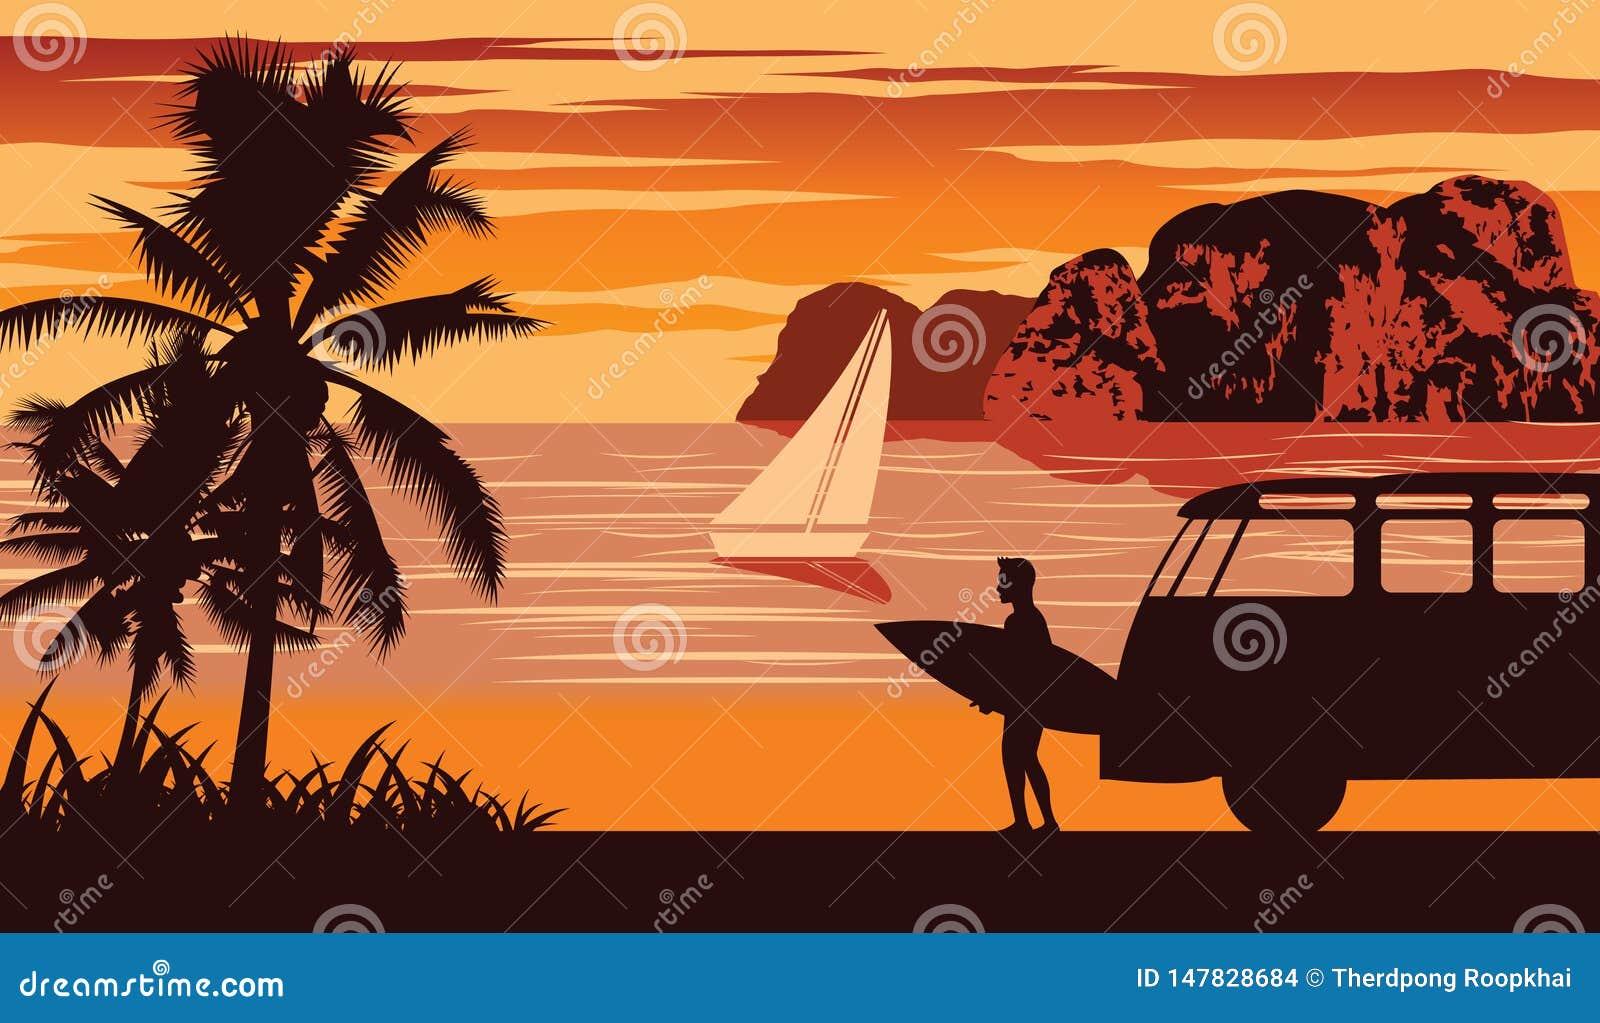 Escena de la naturaleza del mar en verano, tabla hawaiana del control del hombre cerca de la playa, diseño del color del vintage